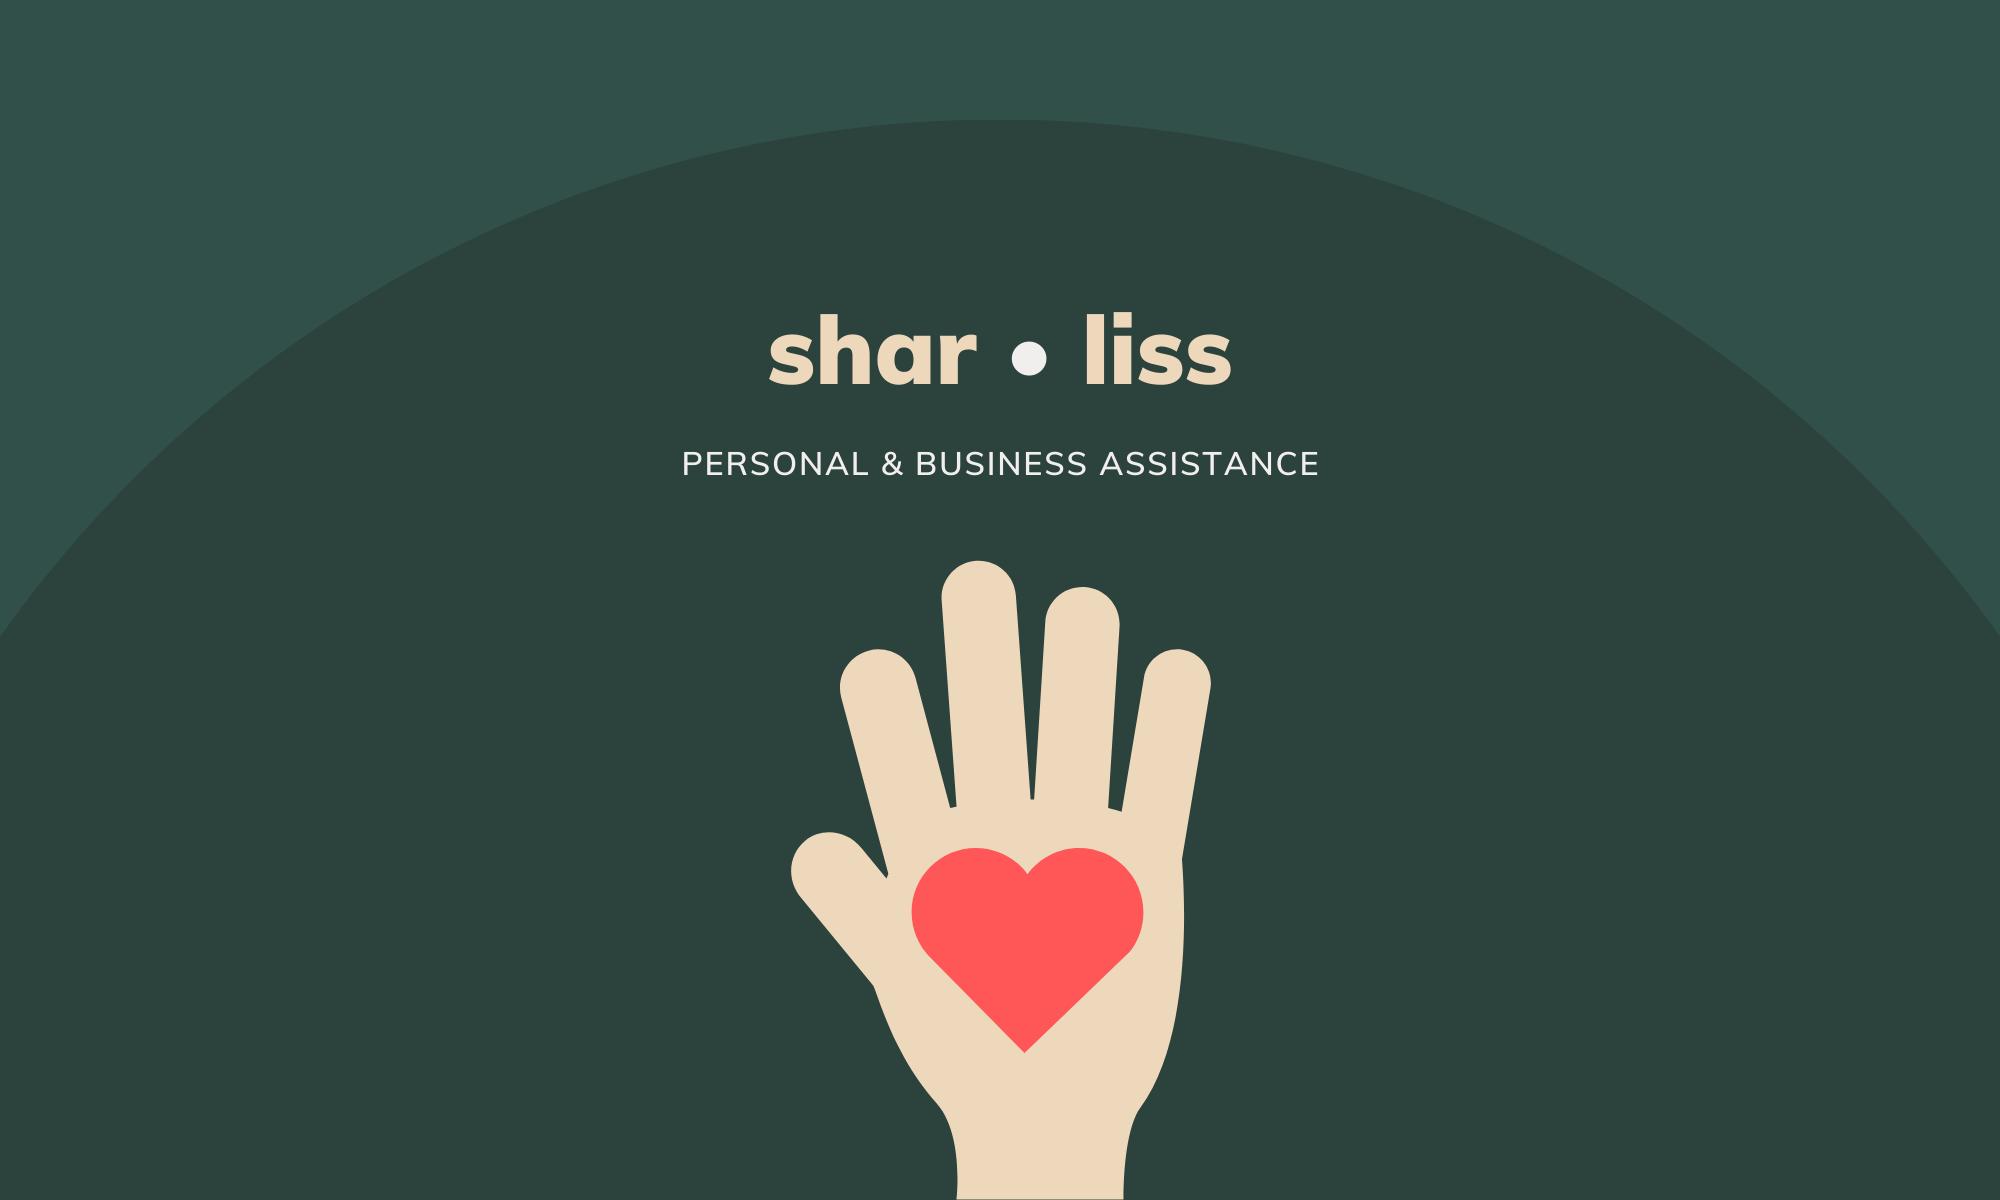 SHAR • LISS